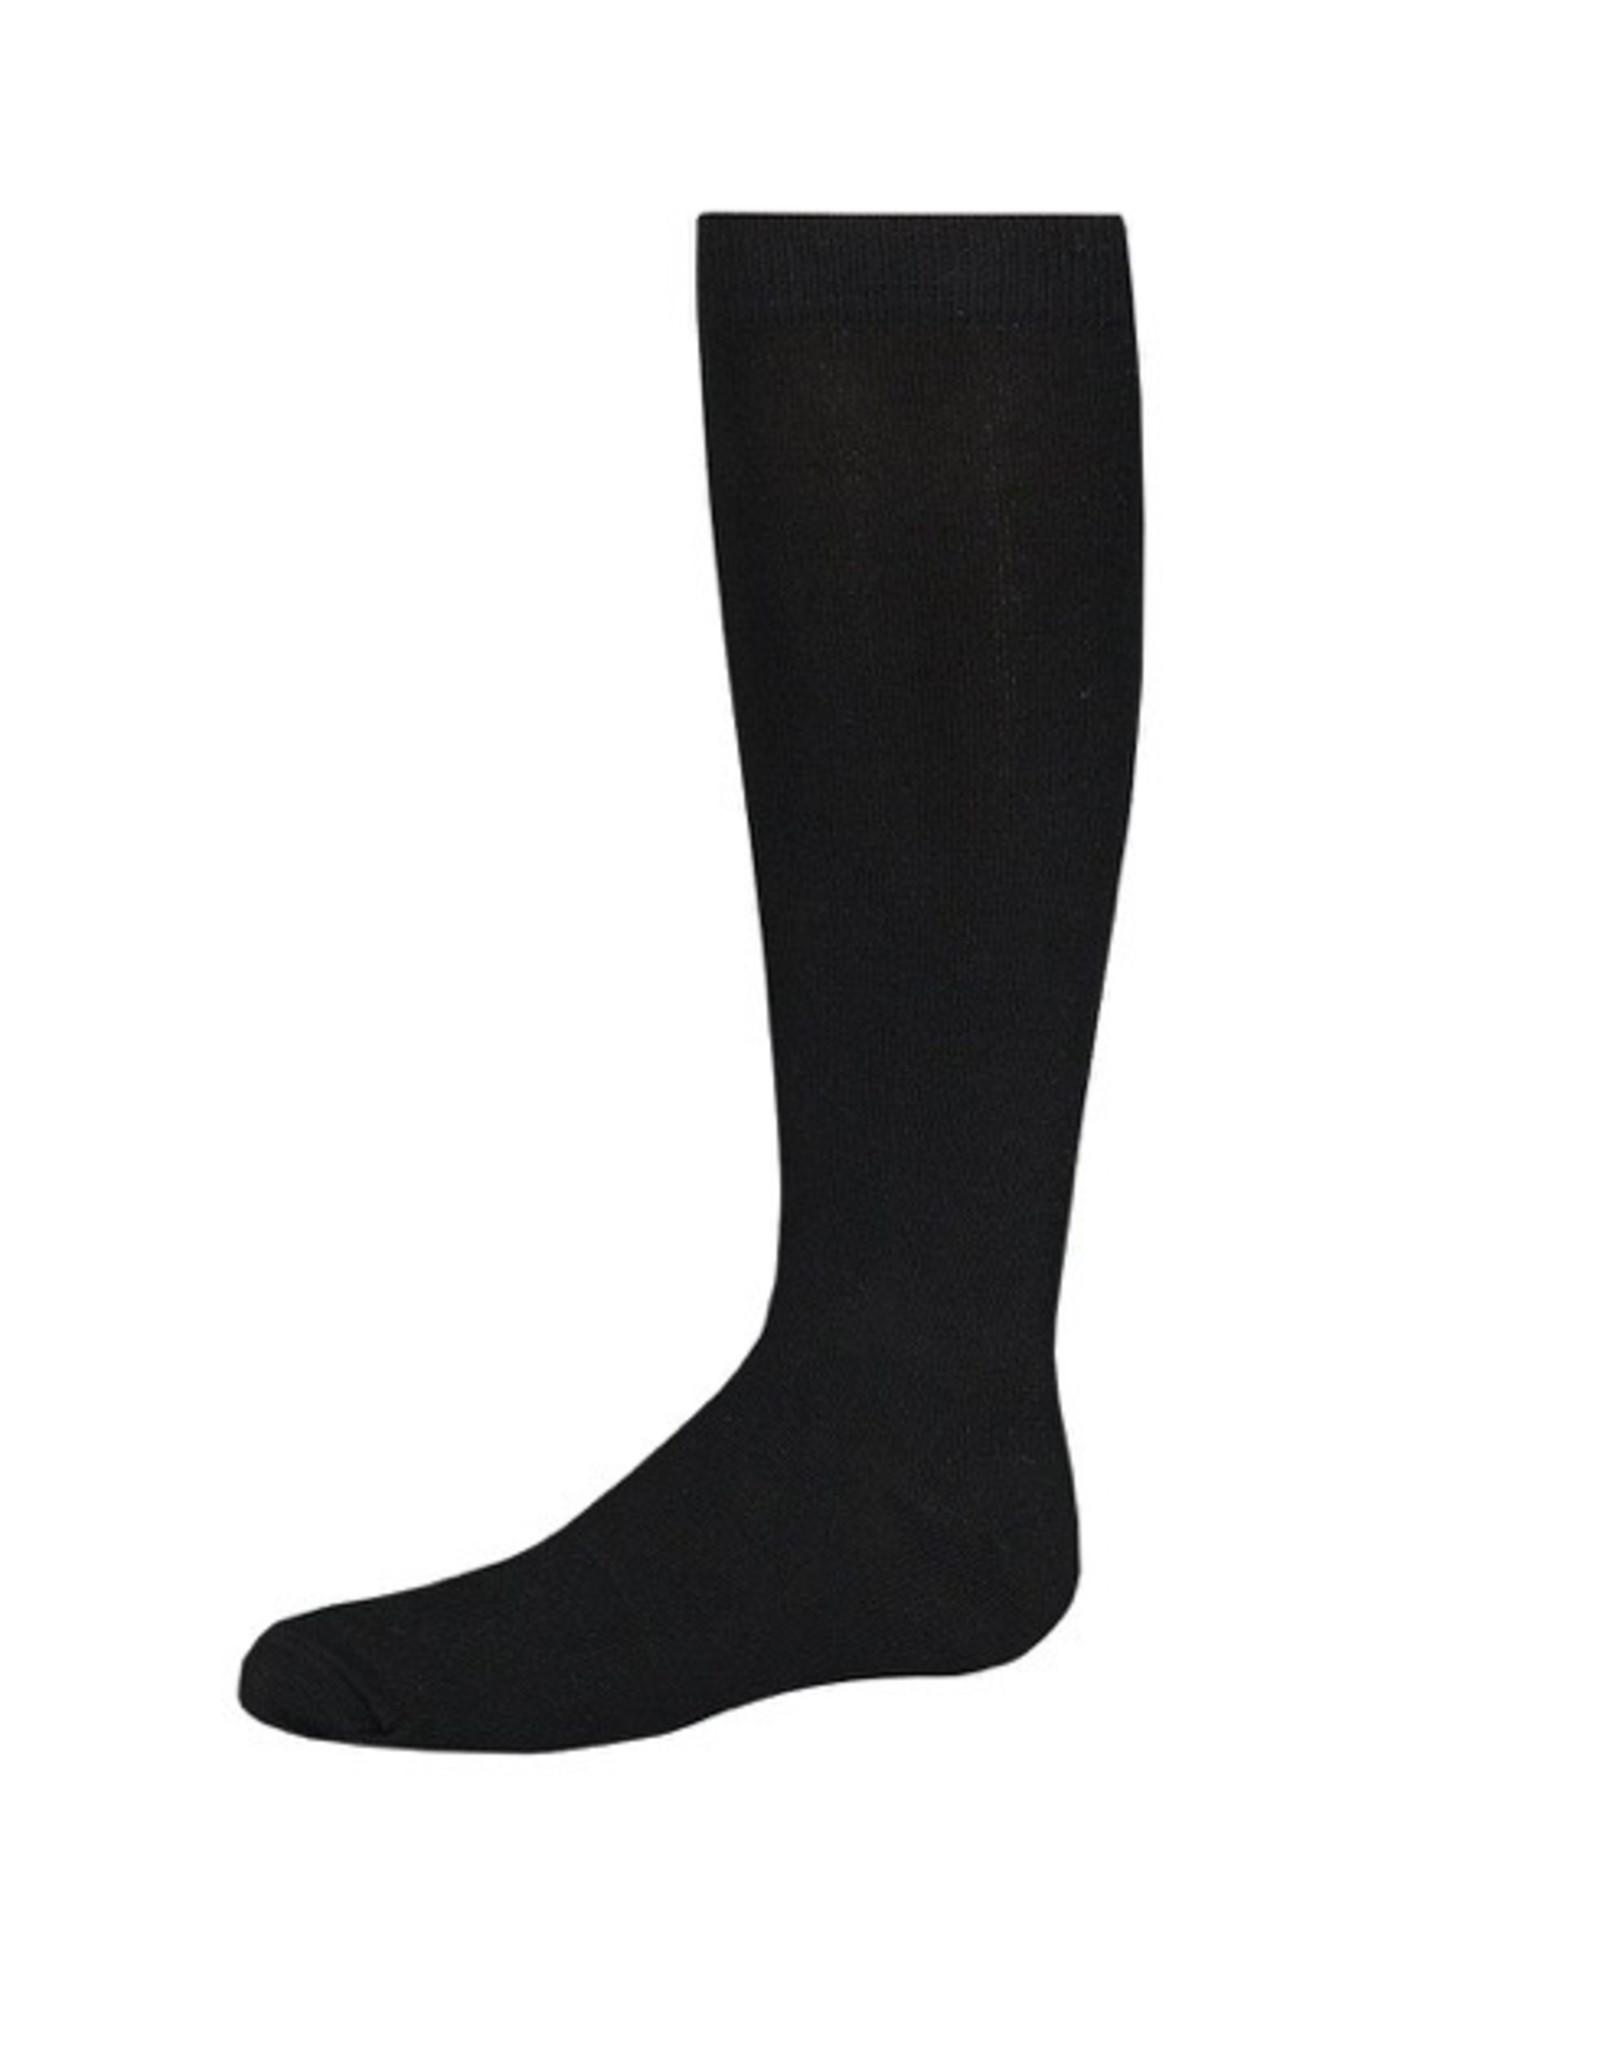 Trimfit Trimfit Flat Knit Kee Socks  1455